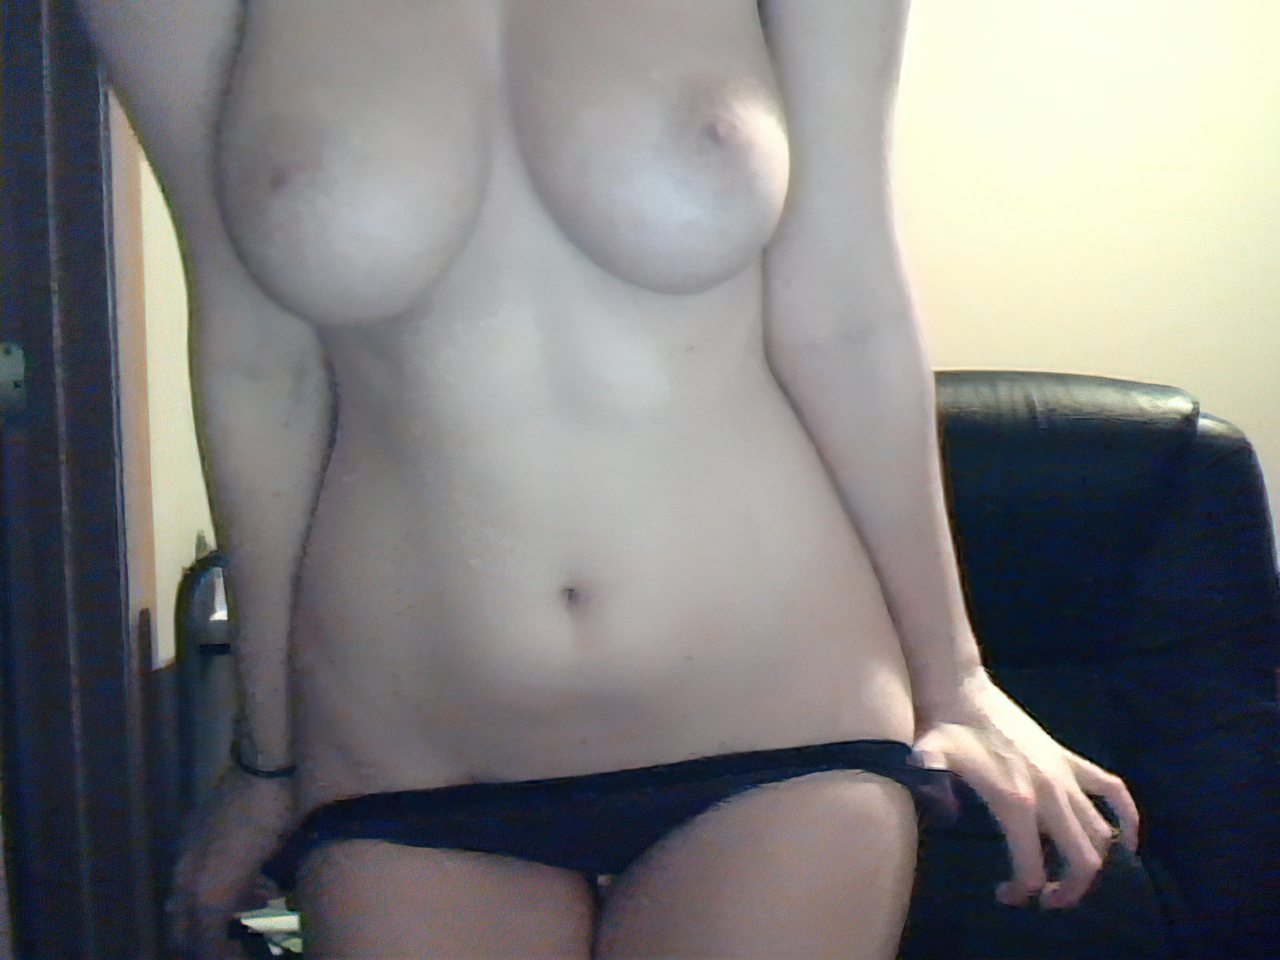 Em Frente da Webcam (3)